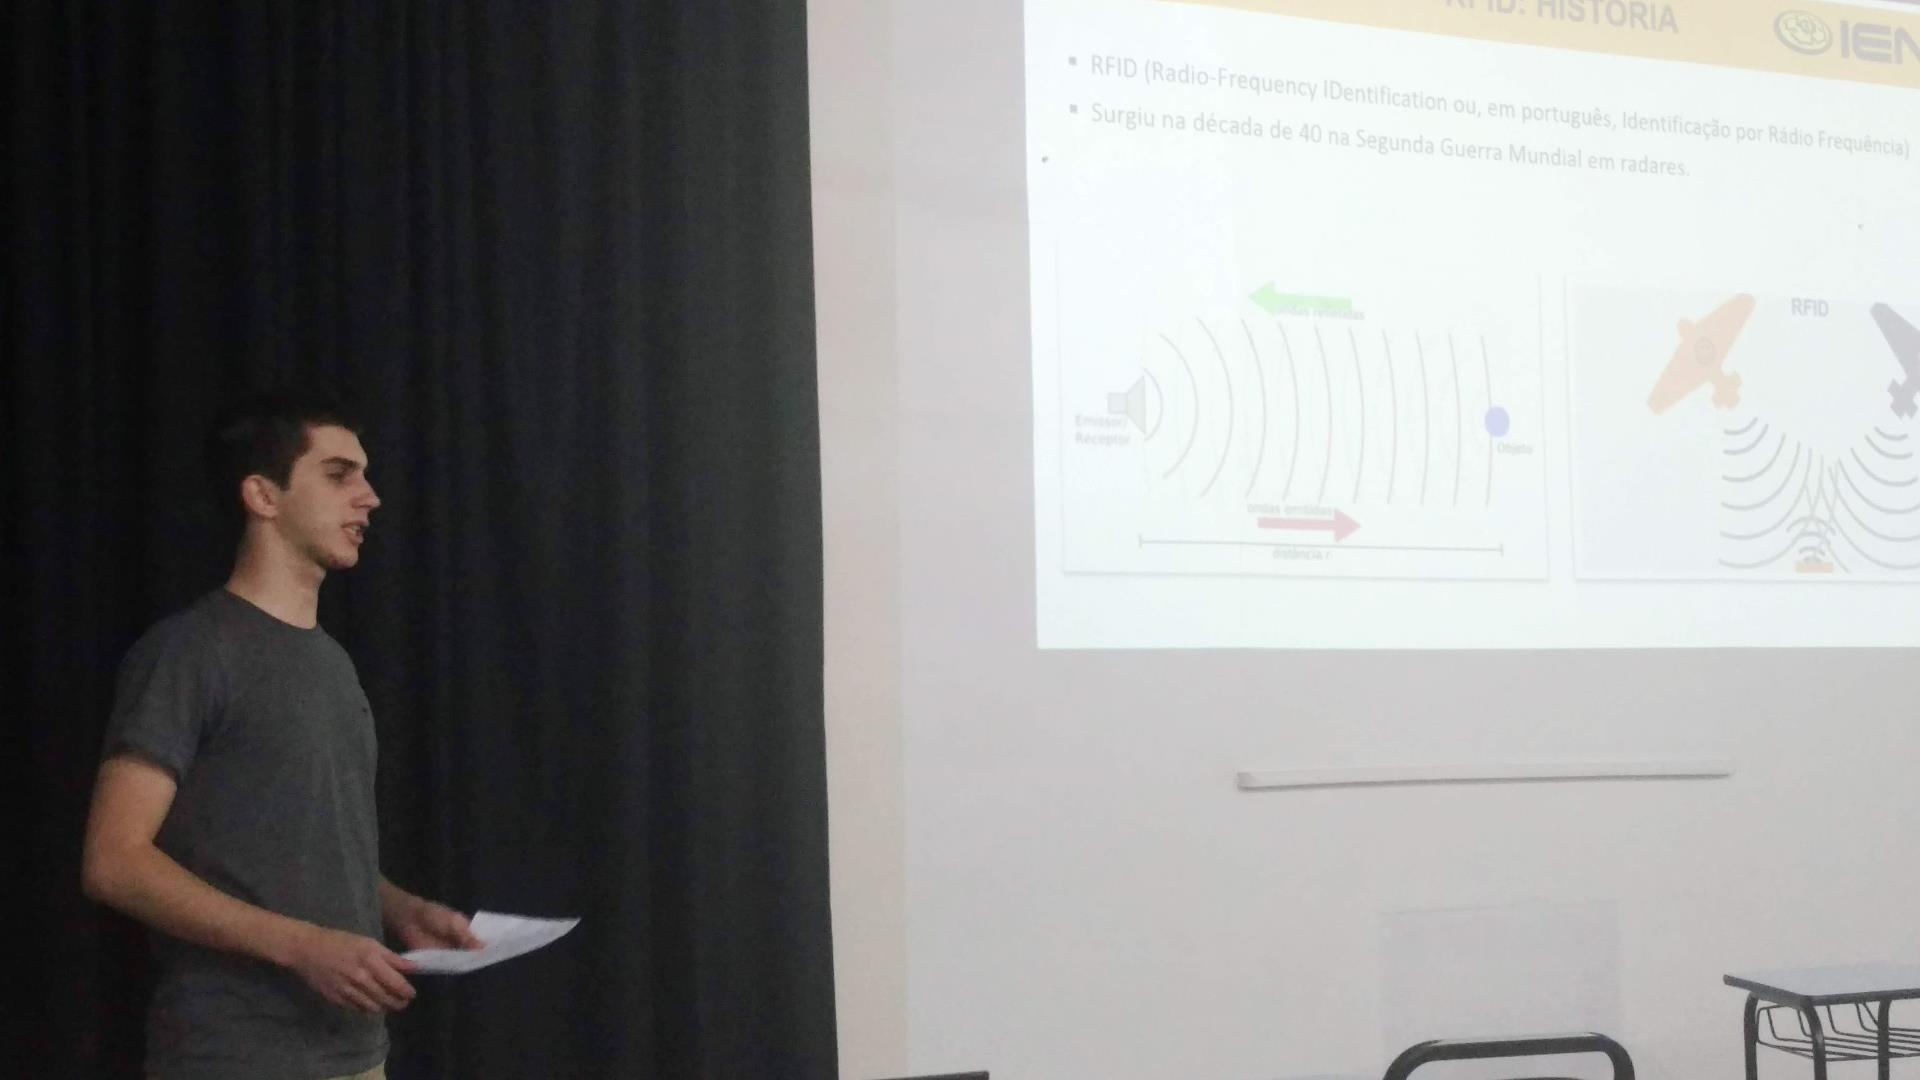 Acadêmicos da disciplina de Introdução a Redes de Computadores apresentam artigos